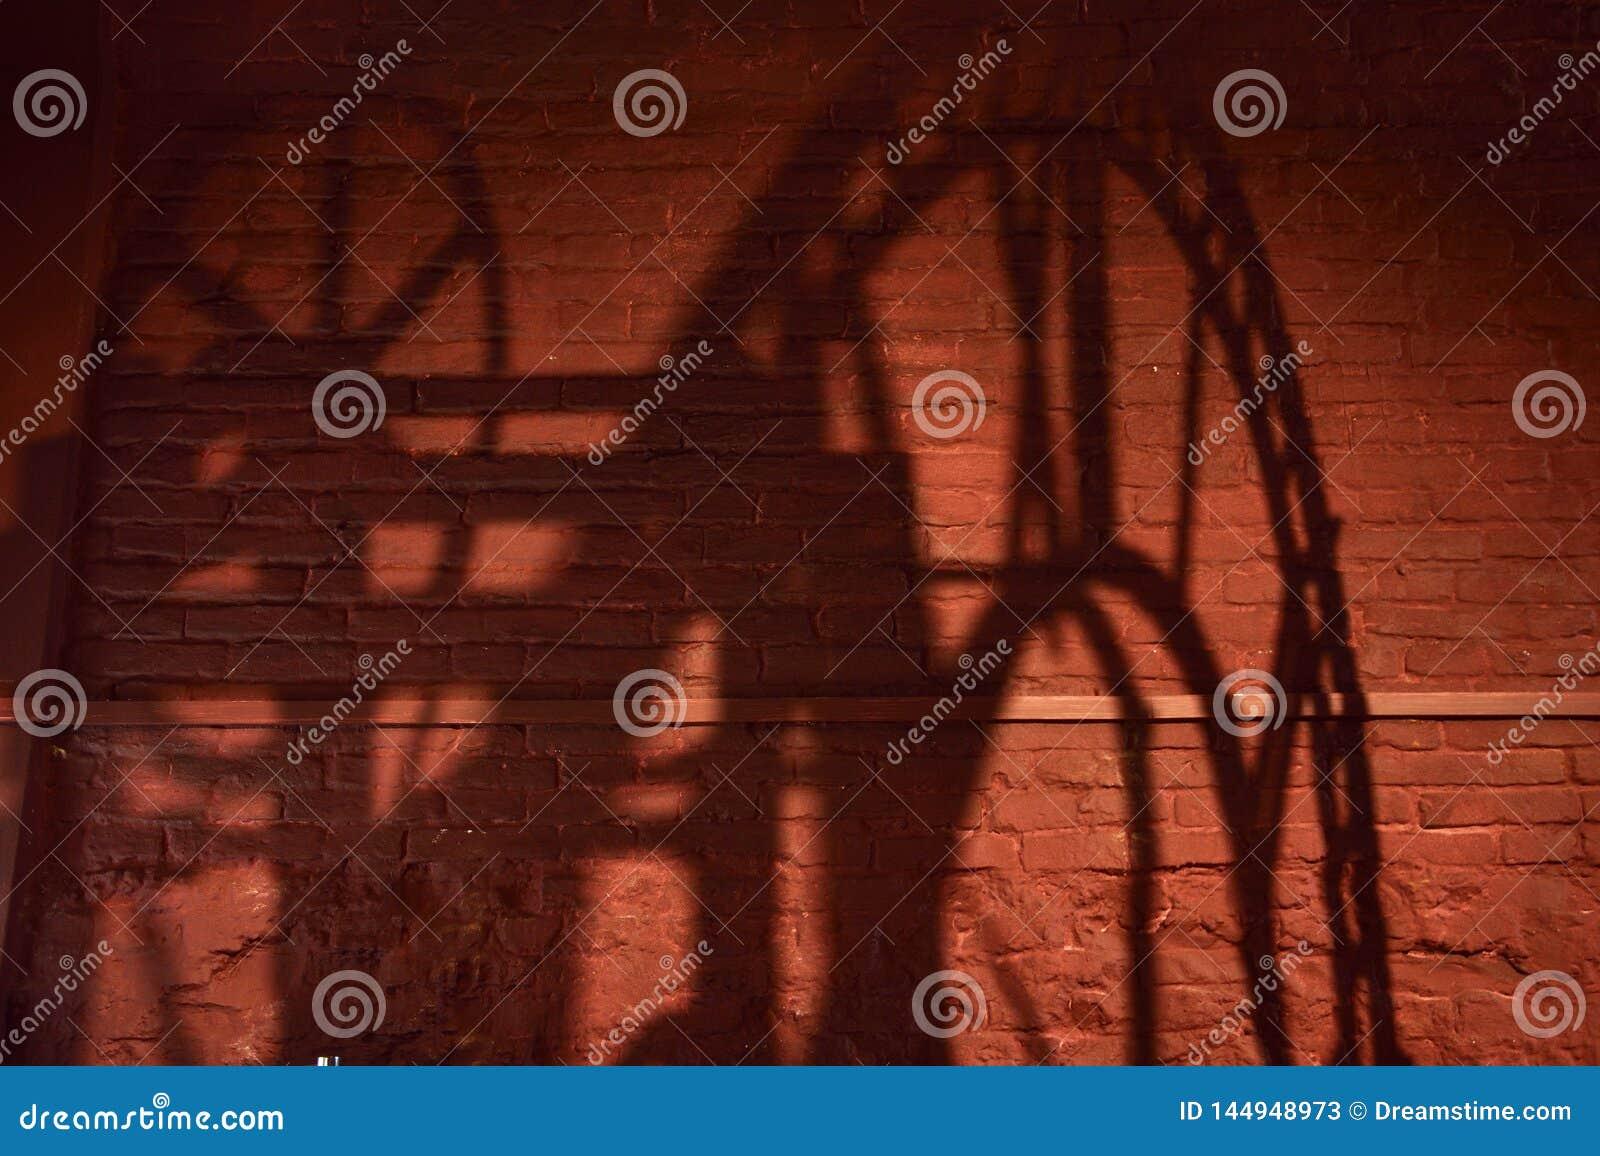 Cień zegarowy mechanizm z rzymskimi liczebnikami na ścianie z cegieł